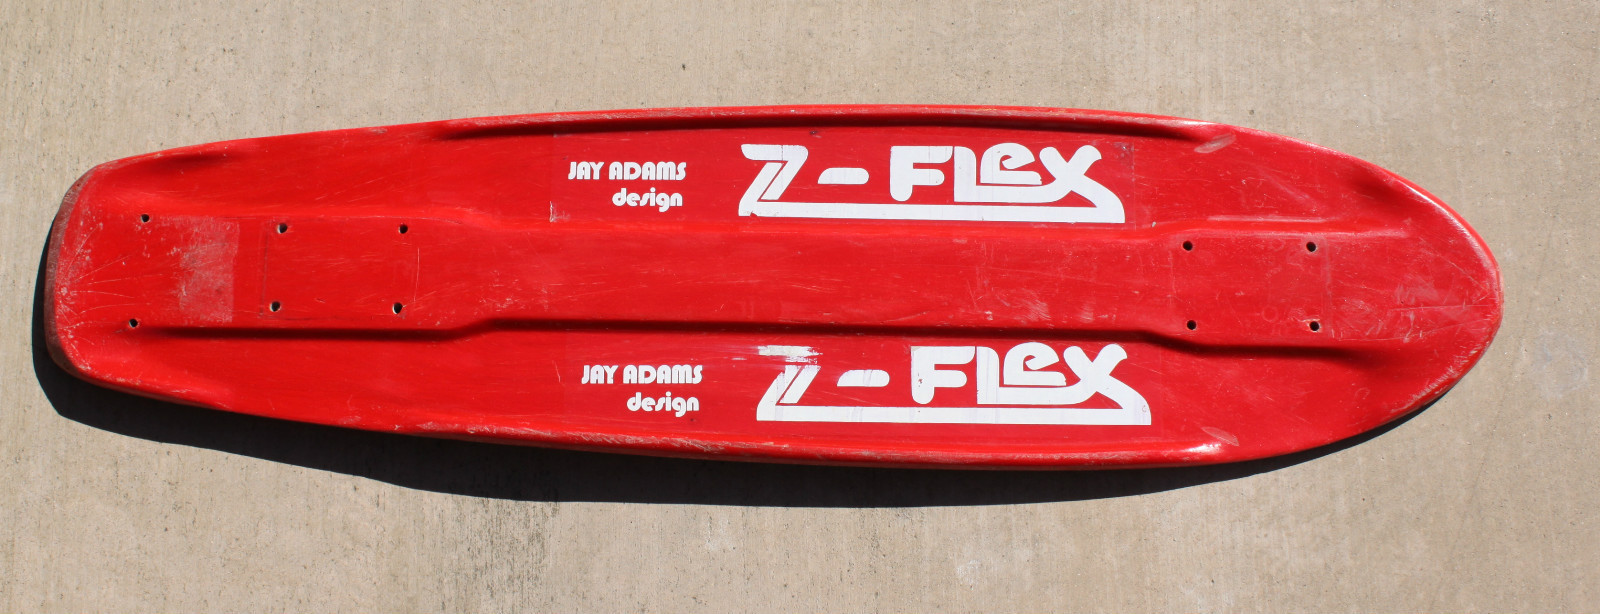 Fiberglass Skateboard Decks Fiberglass Deck From 1974